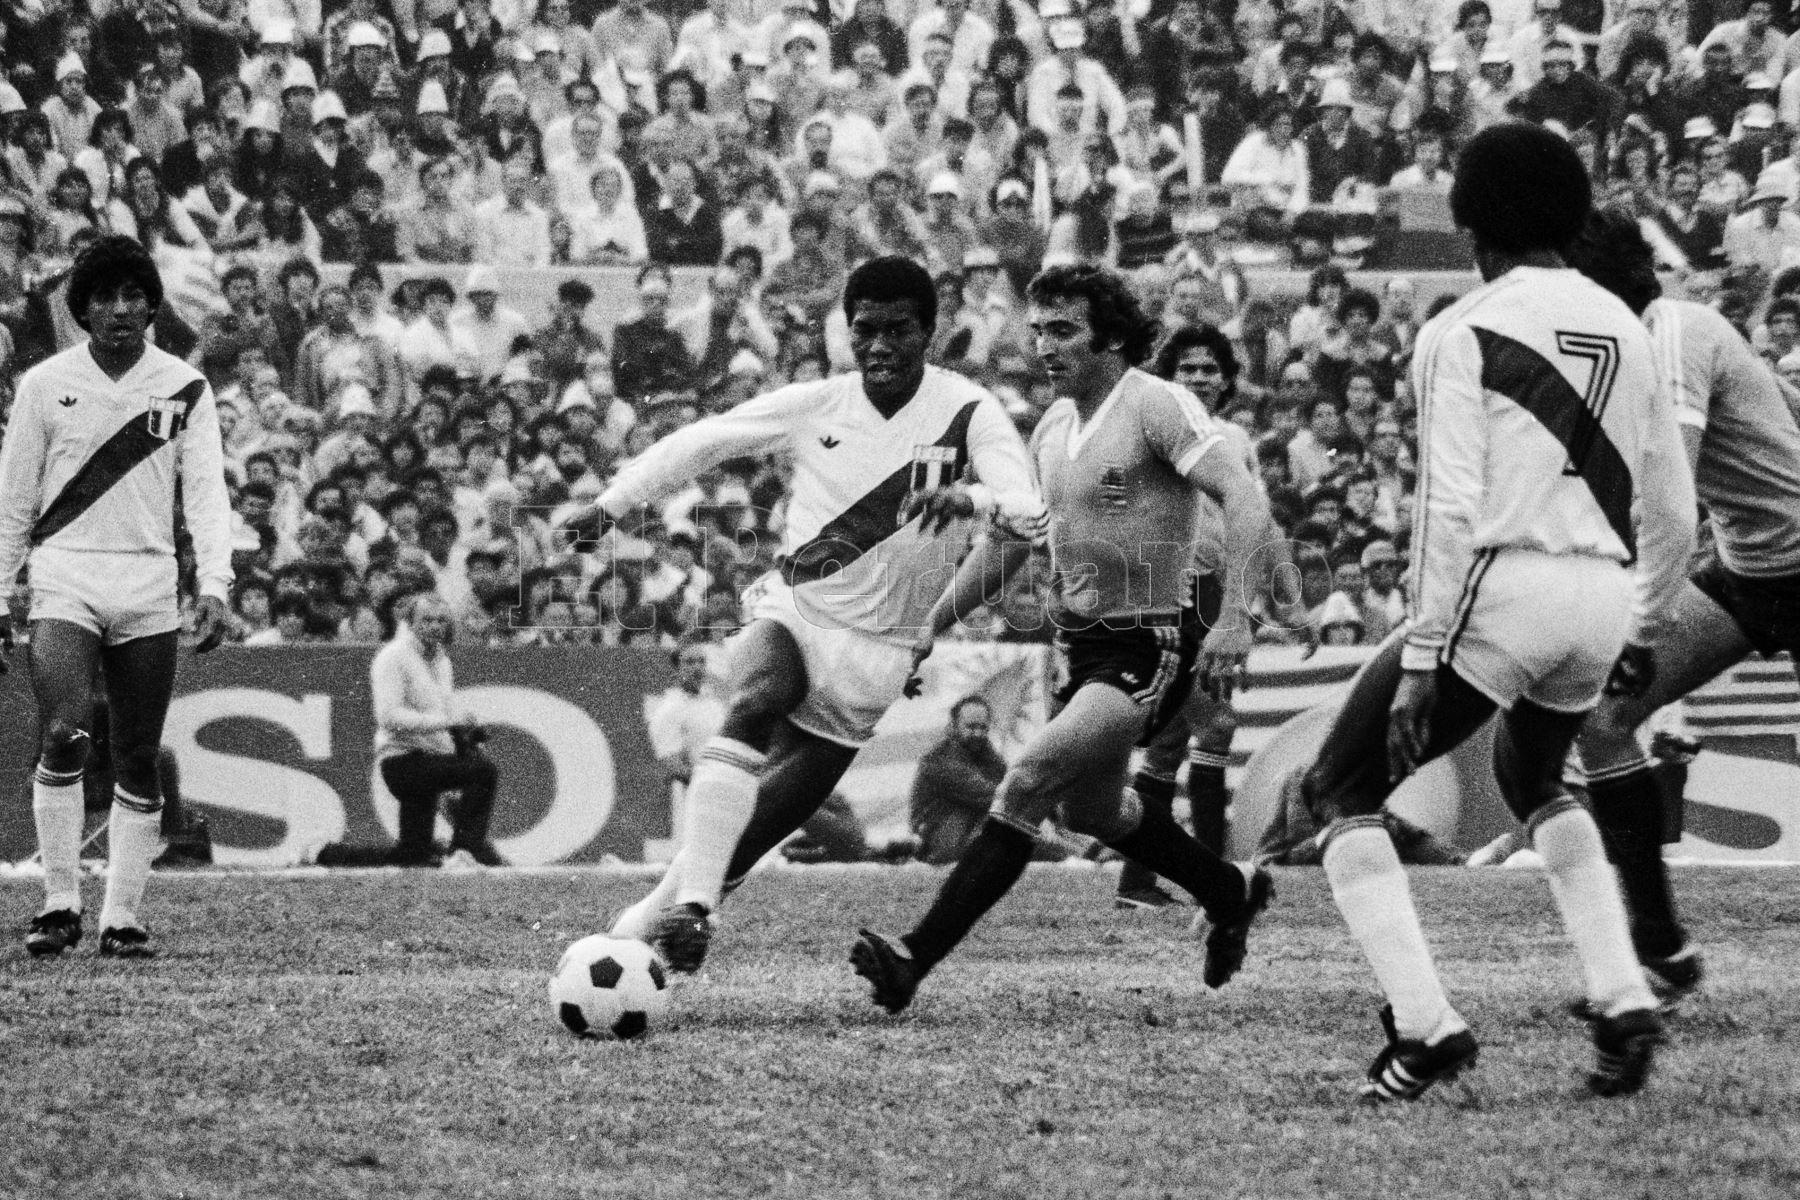 Foto: Archivo El Peruano/ Rómulo Luján